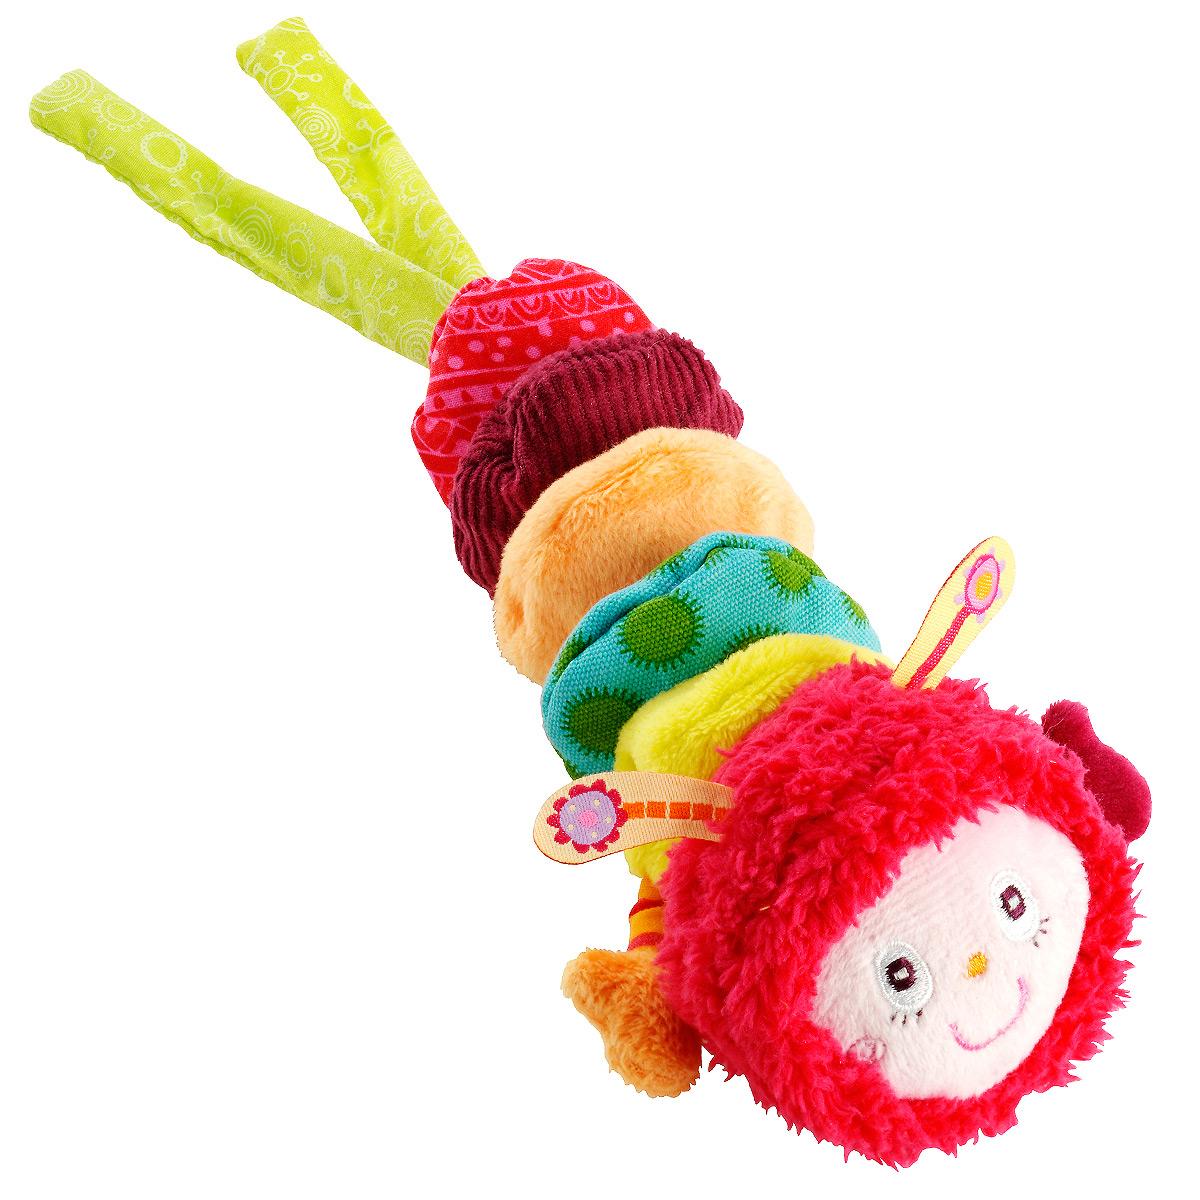 Развивающая игрушка-подвеска Lilliputiens Гусеница Джульетта86325Развивающая игрушка-подвеска Lilliputiens Гусеница Джульетта выполнена из хлопка разных фактур в виде забавной гусеницы. Ее мордашка вышита нитками, а тельце состоит из нескольких сшитых между собой частей. Две завязки позволяют подвесить игрушку к кроватке, коляске, автокреслу или игровой дуге малыша. Если потянуть голову гусеницы вниз и отпустить, она вернется обратно, издавая шум и вибрируя. Яркая игрушка-подвеска Lilliputiens Гусеница Джульетта поможет ребенку в развитии цветового и звукового восприятия, концентрации внимания, мелкой моторики рук, координации движений и тактильных ощущений.